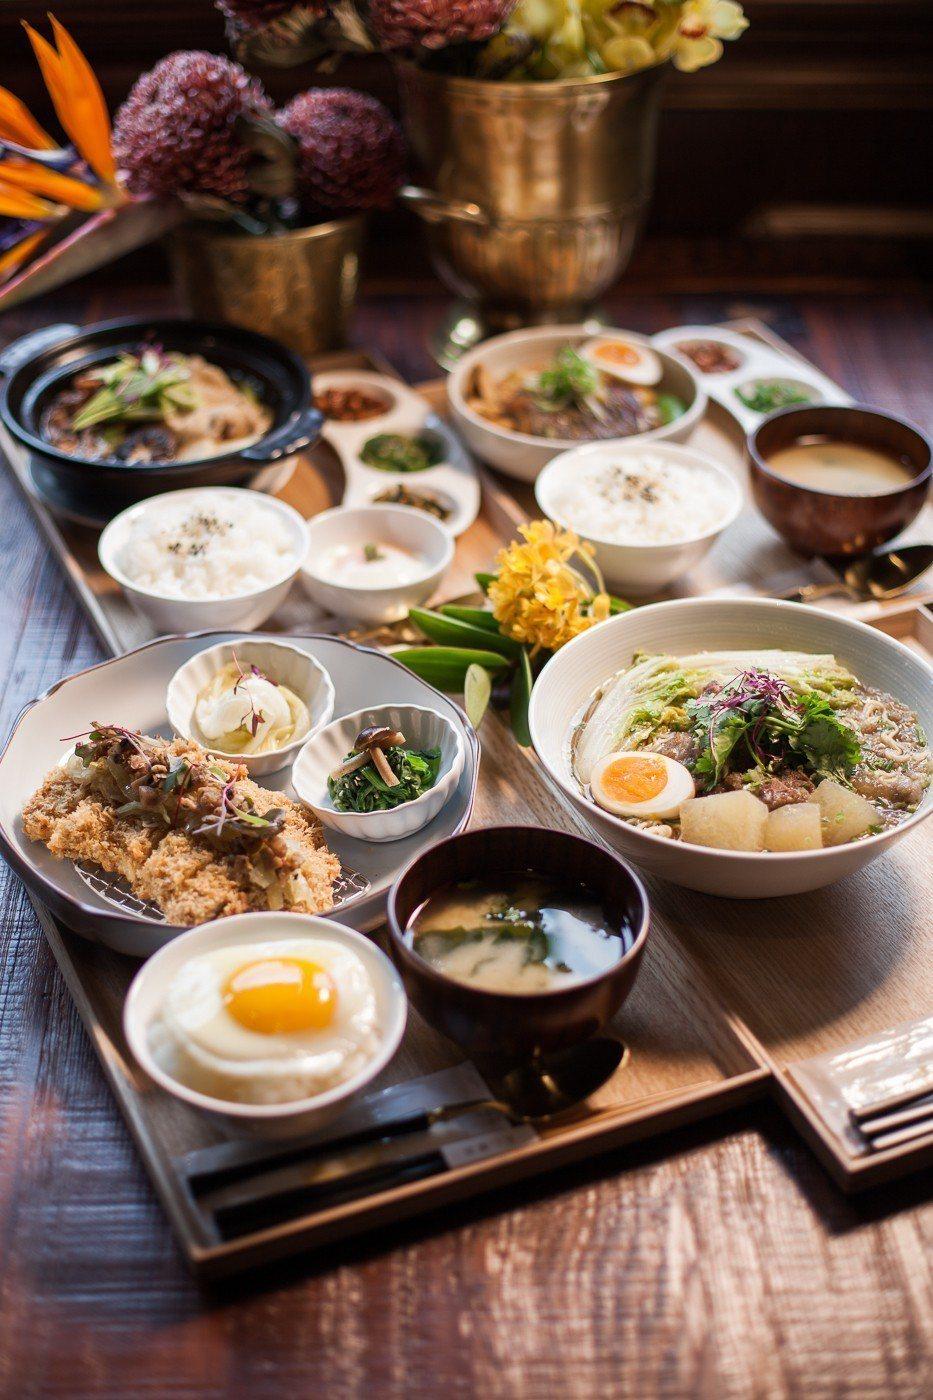 新光南西店限定菜色。圖/永心鳳茶提供